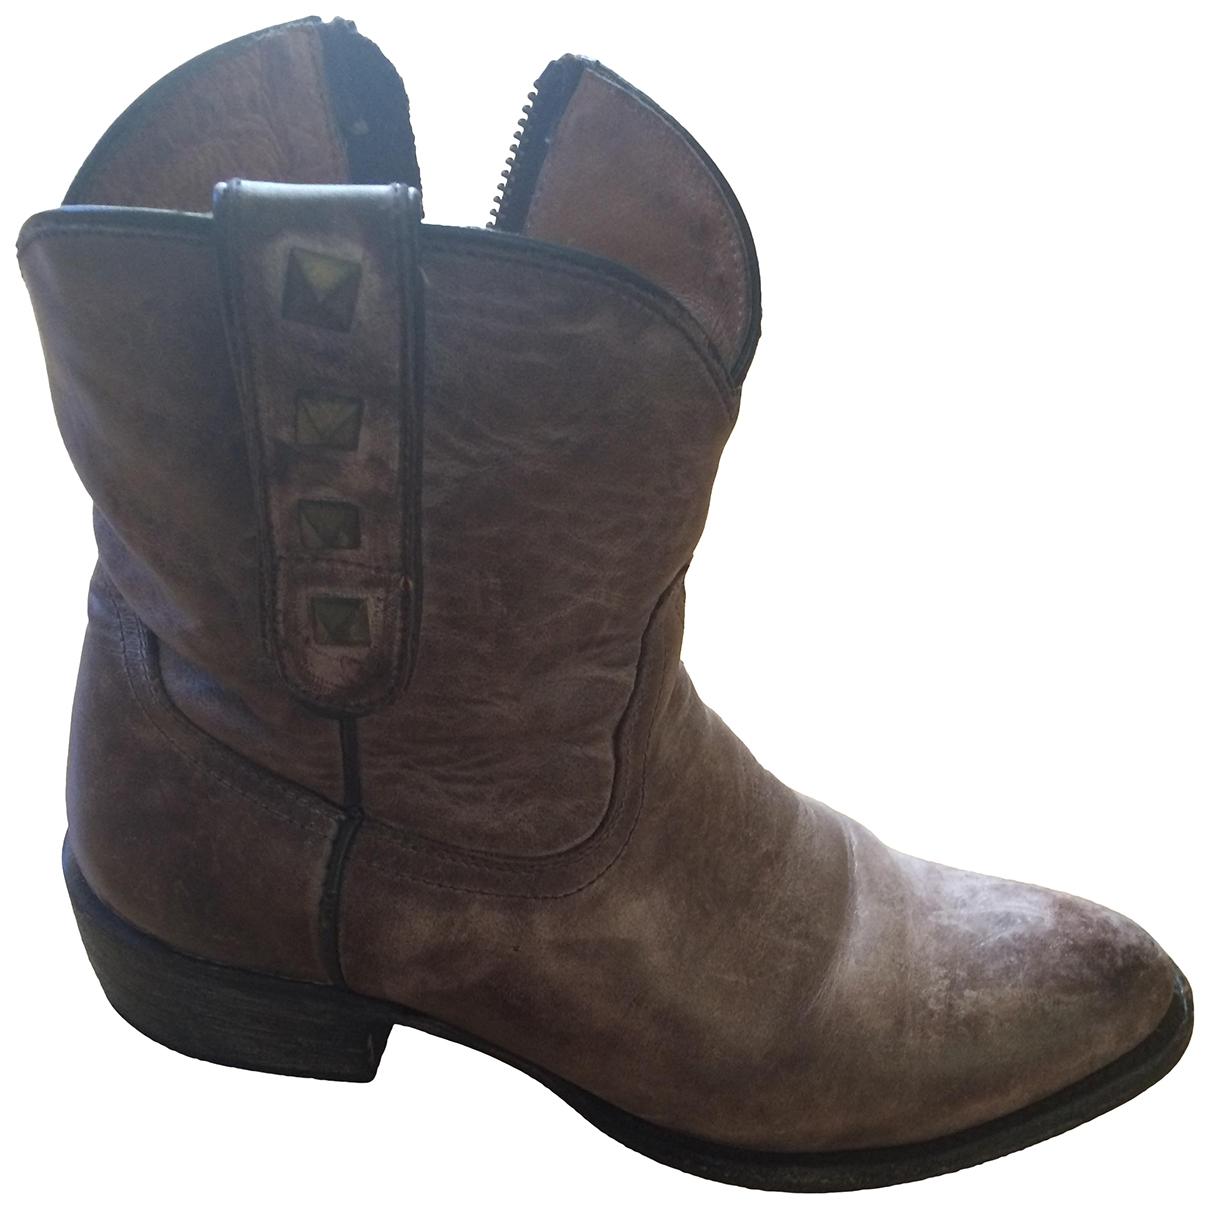 Mexicana - Boots   pour femme en cuir - rose